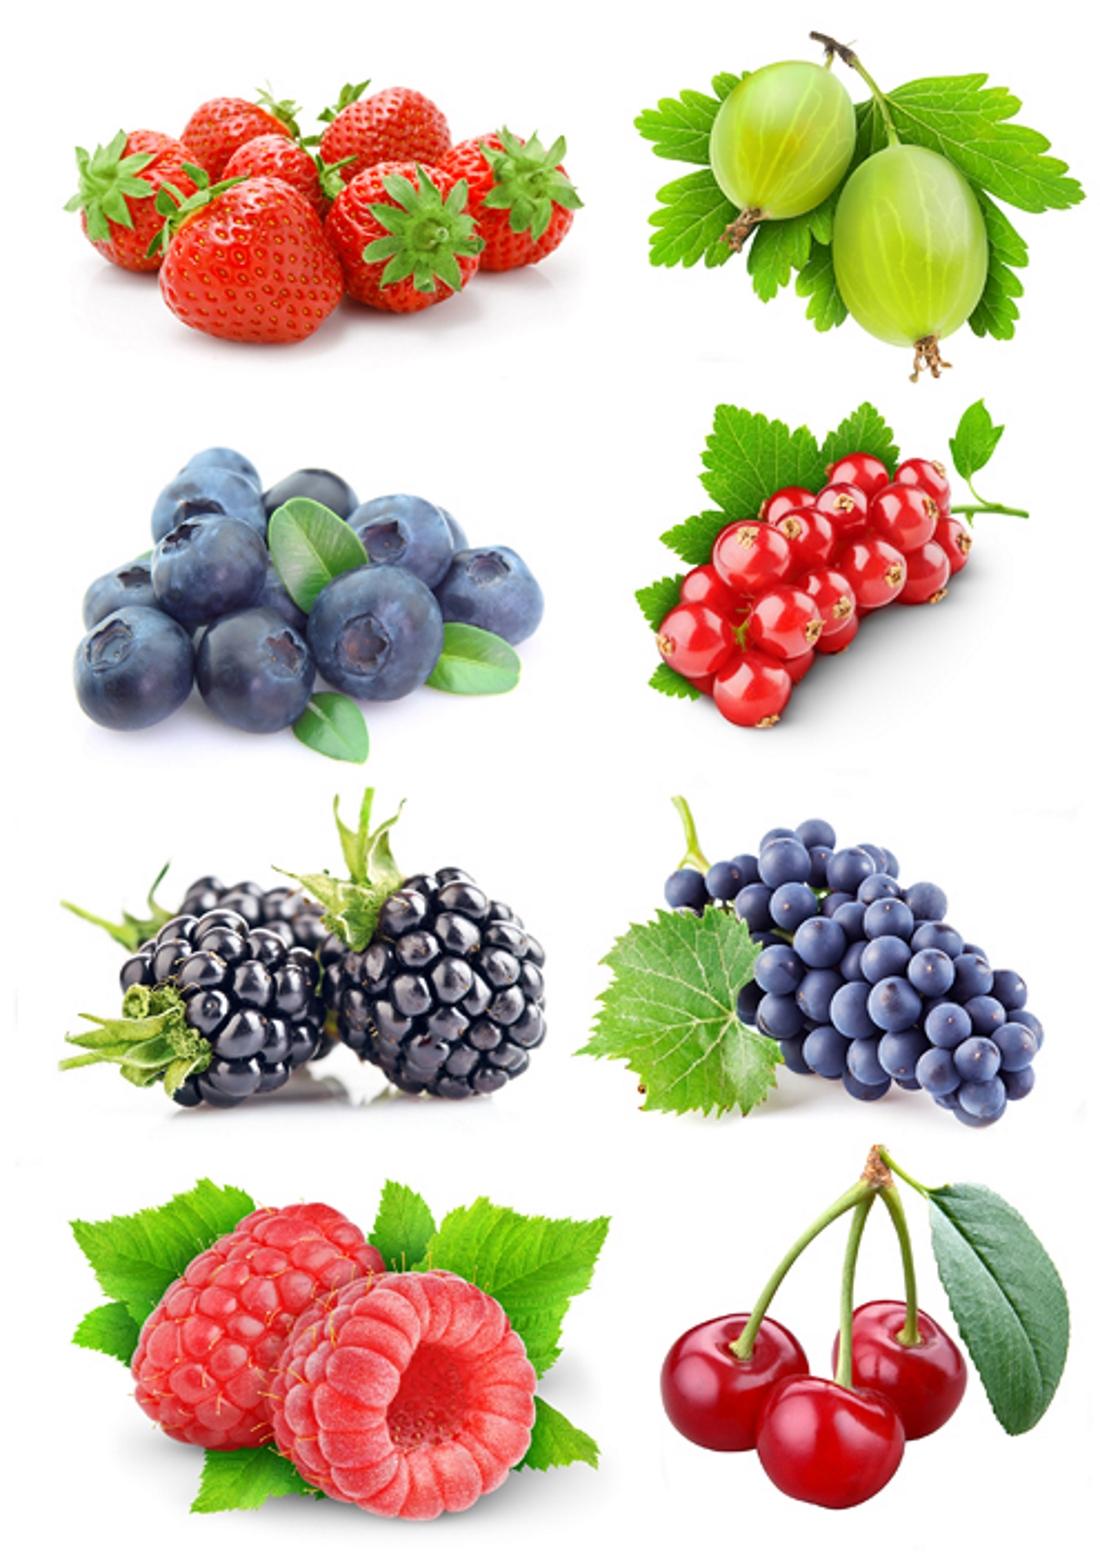 рисунки с ягодами каждый